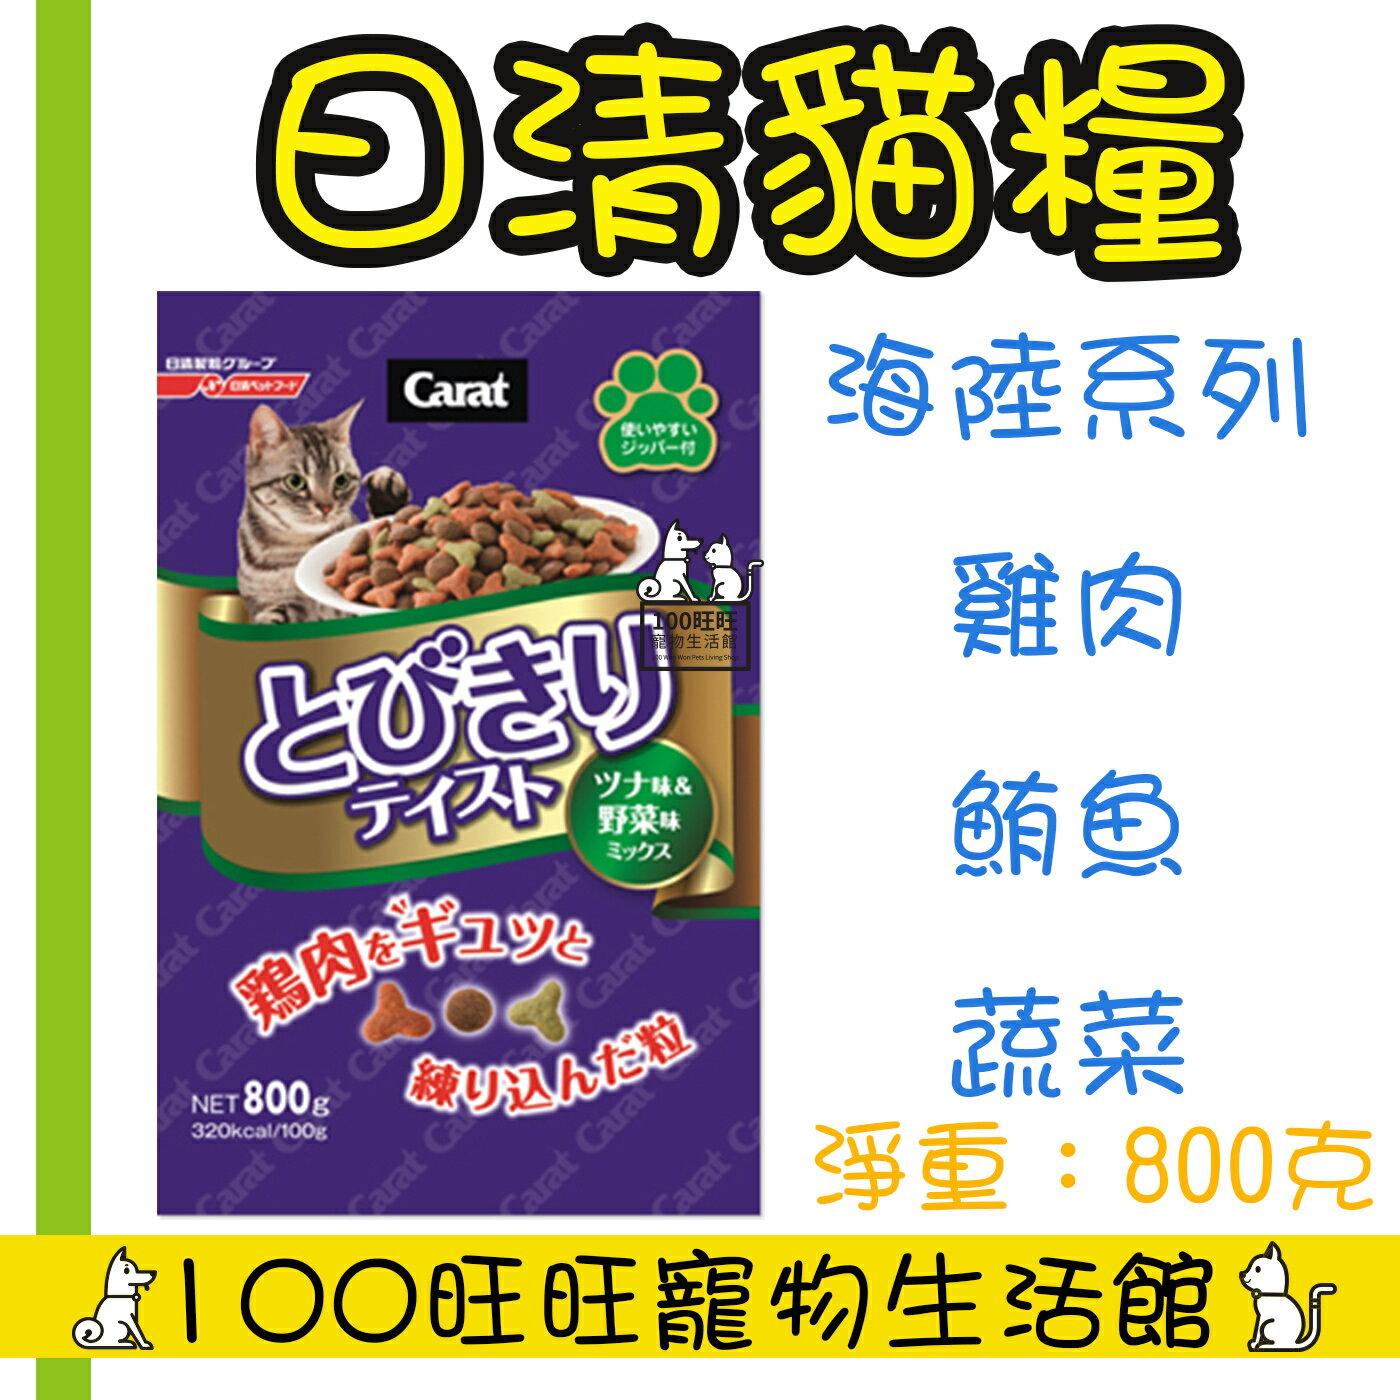 Carat 日清 海㓐系列 貓飼料 雞肉+鮪魚+蔬菜 800g